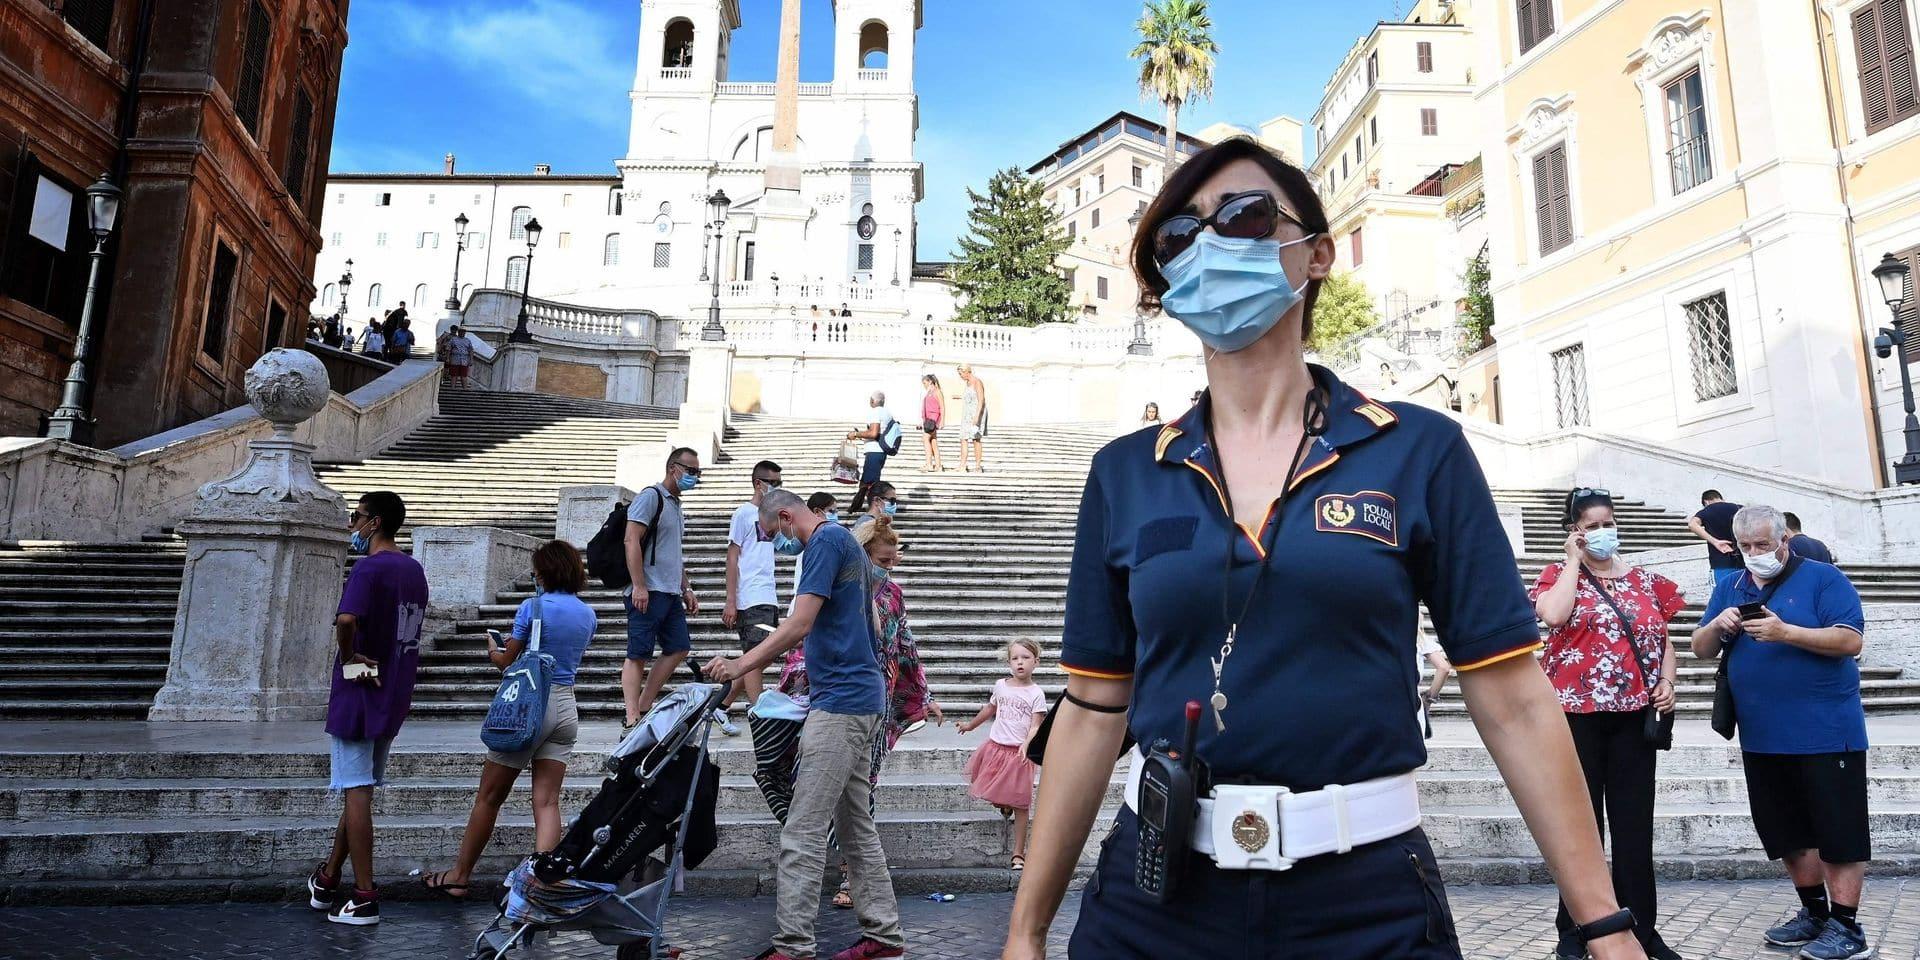 L'Italie enregistre 845 nouveaux cas de coronavirus : plus grande augmentation depuis mai